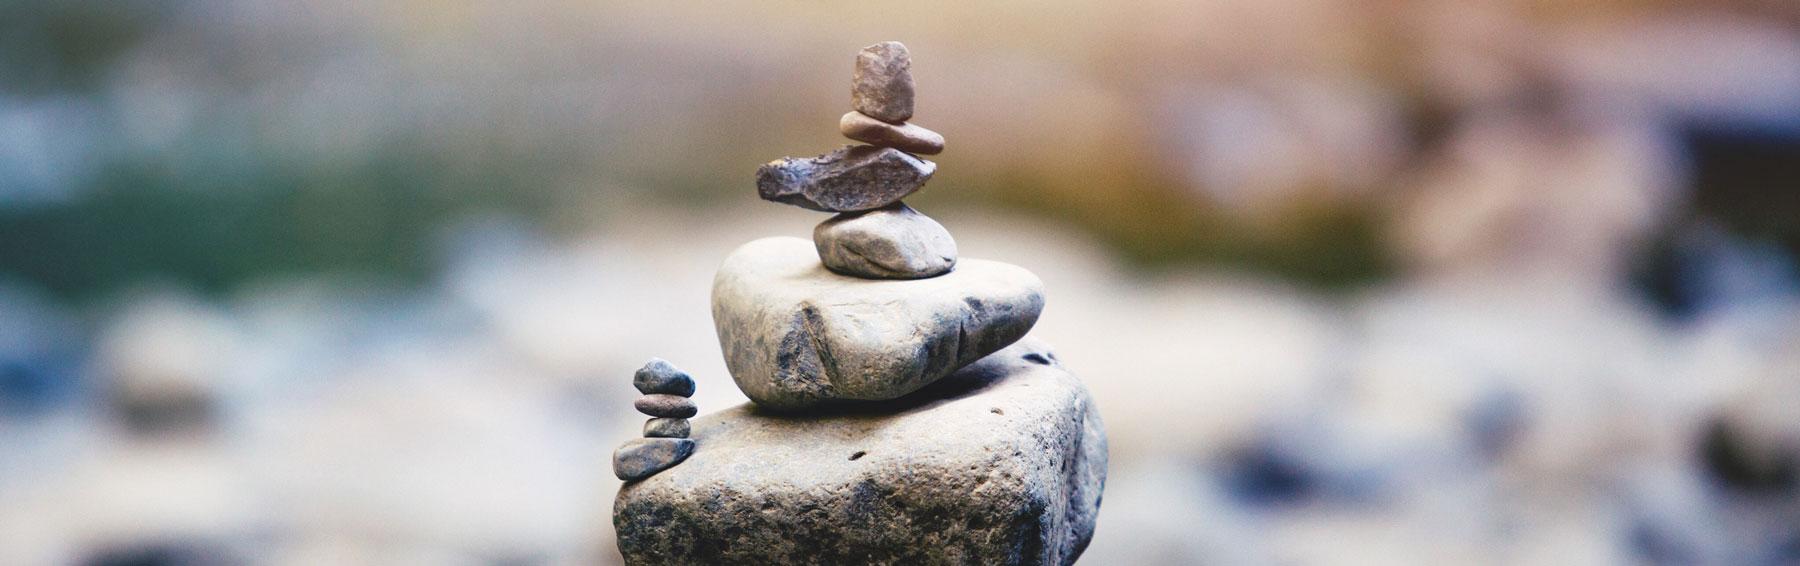 Steine gestapelt